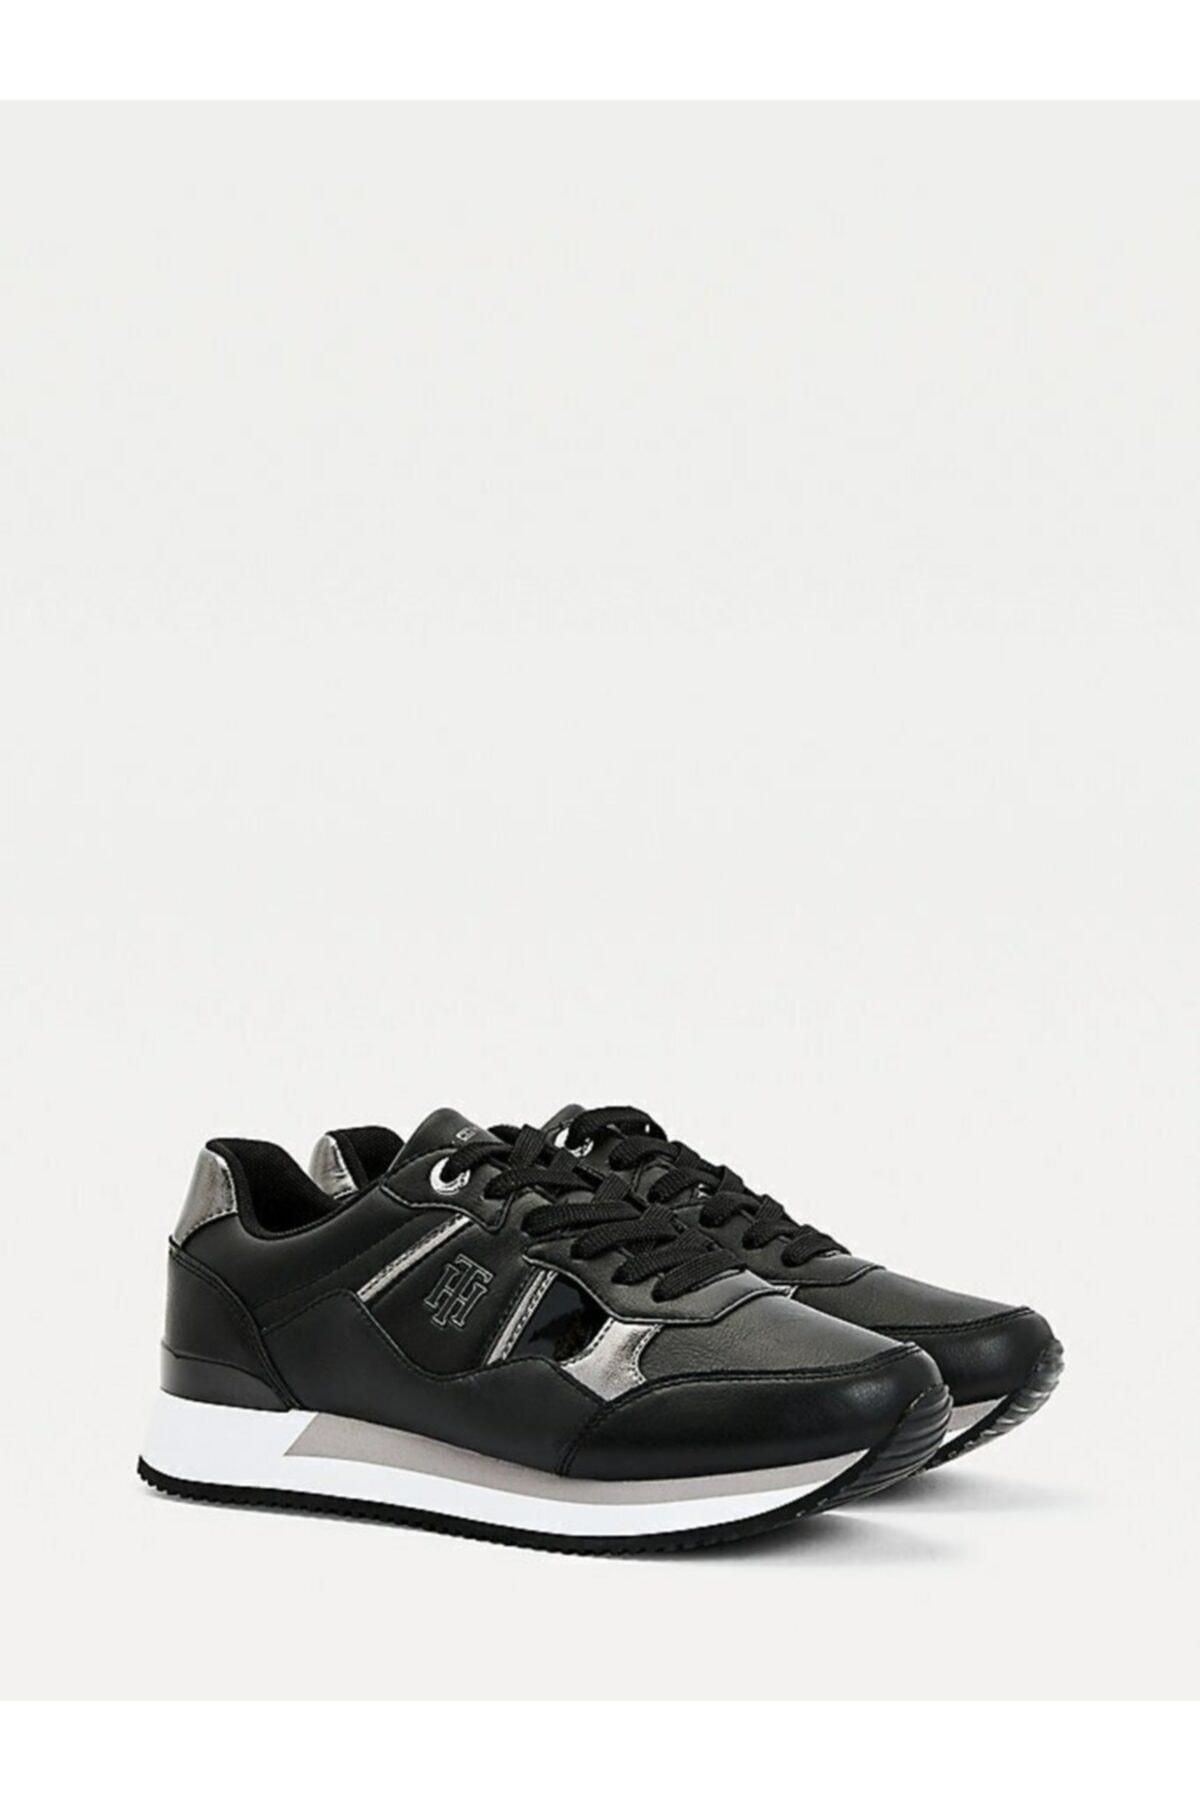 Tommy Hilfiger Th Interlock Cıty Sneaker 1